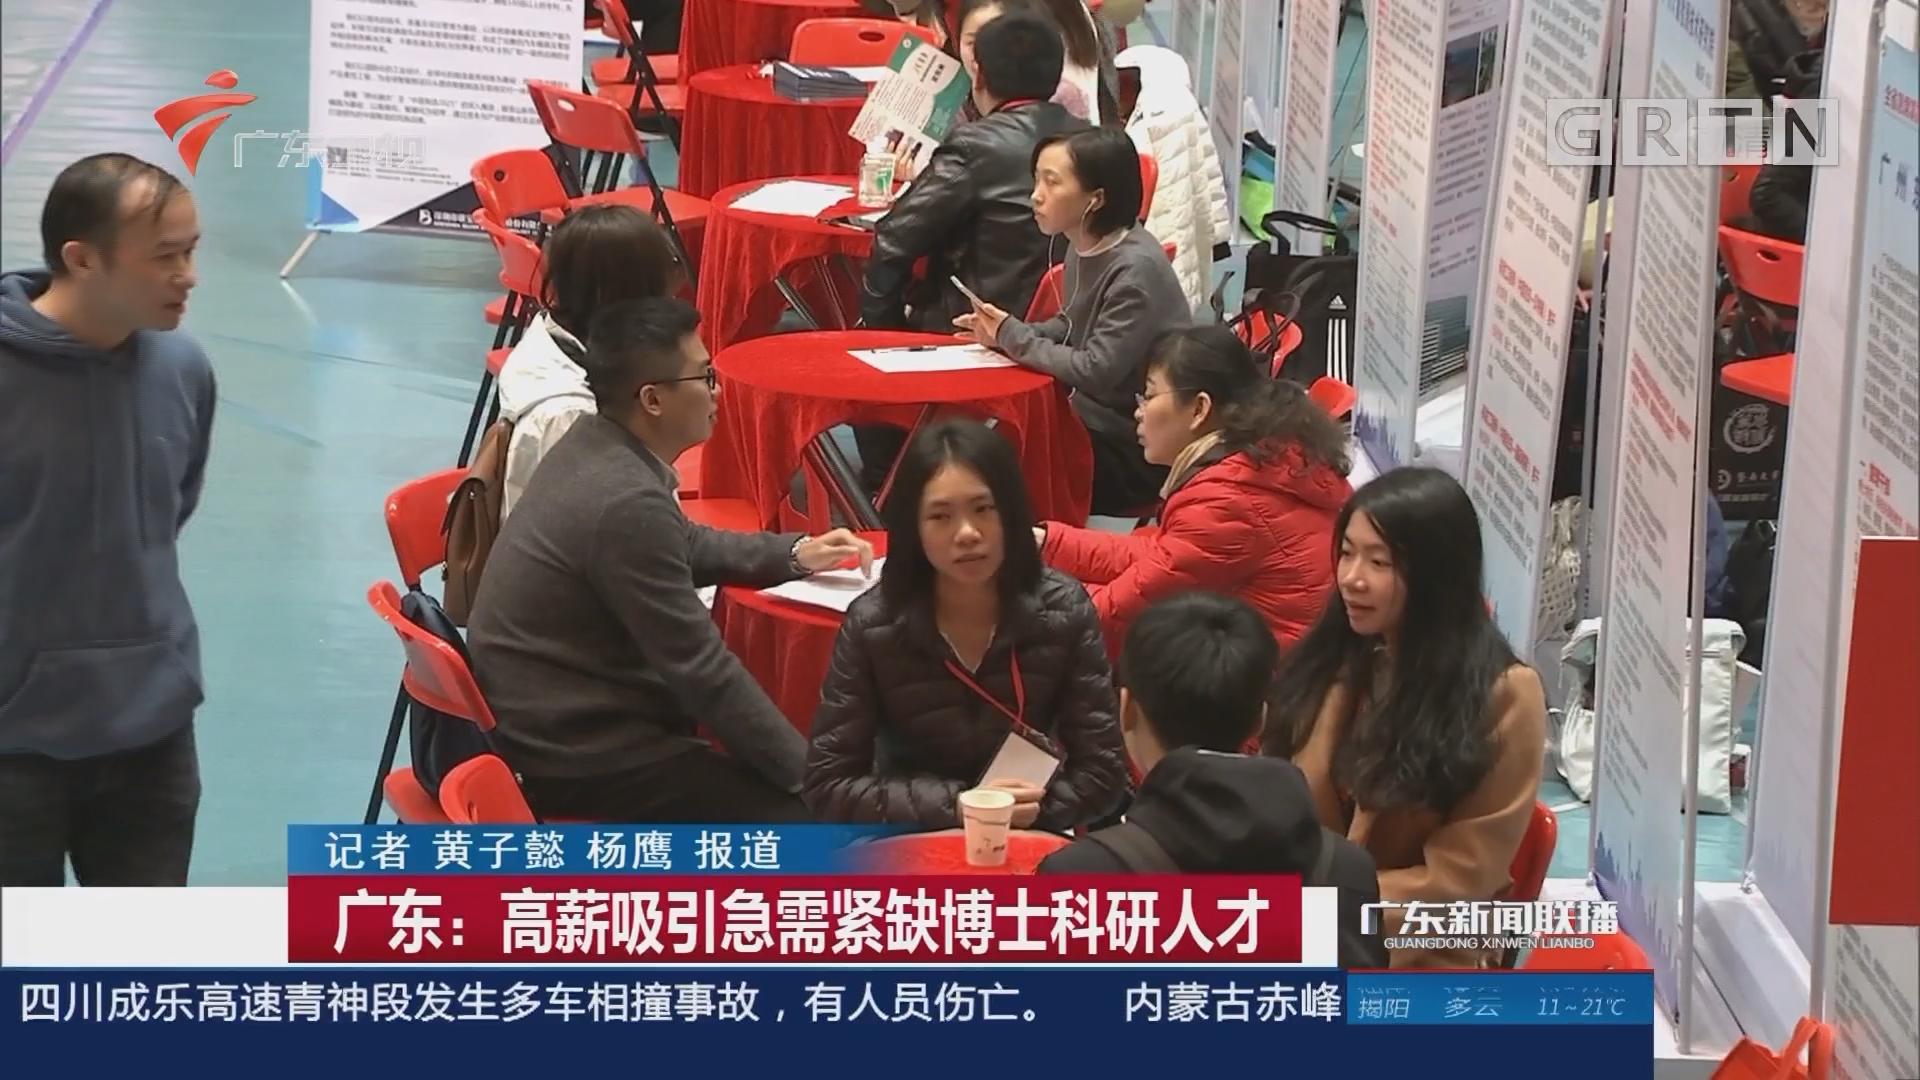 广东:高薪吸引急需紧缺博士科研人才